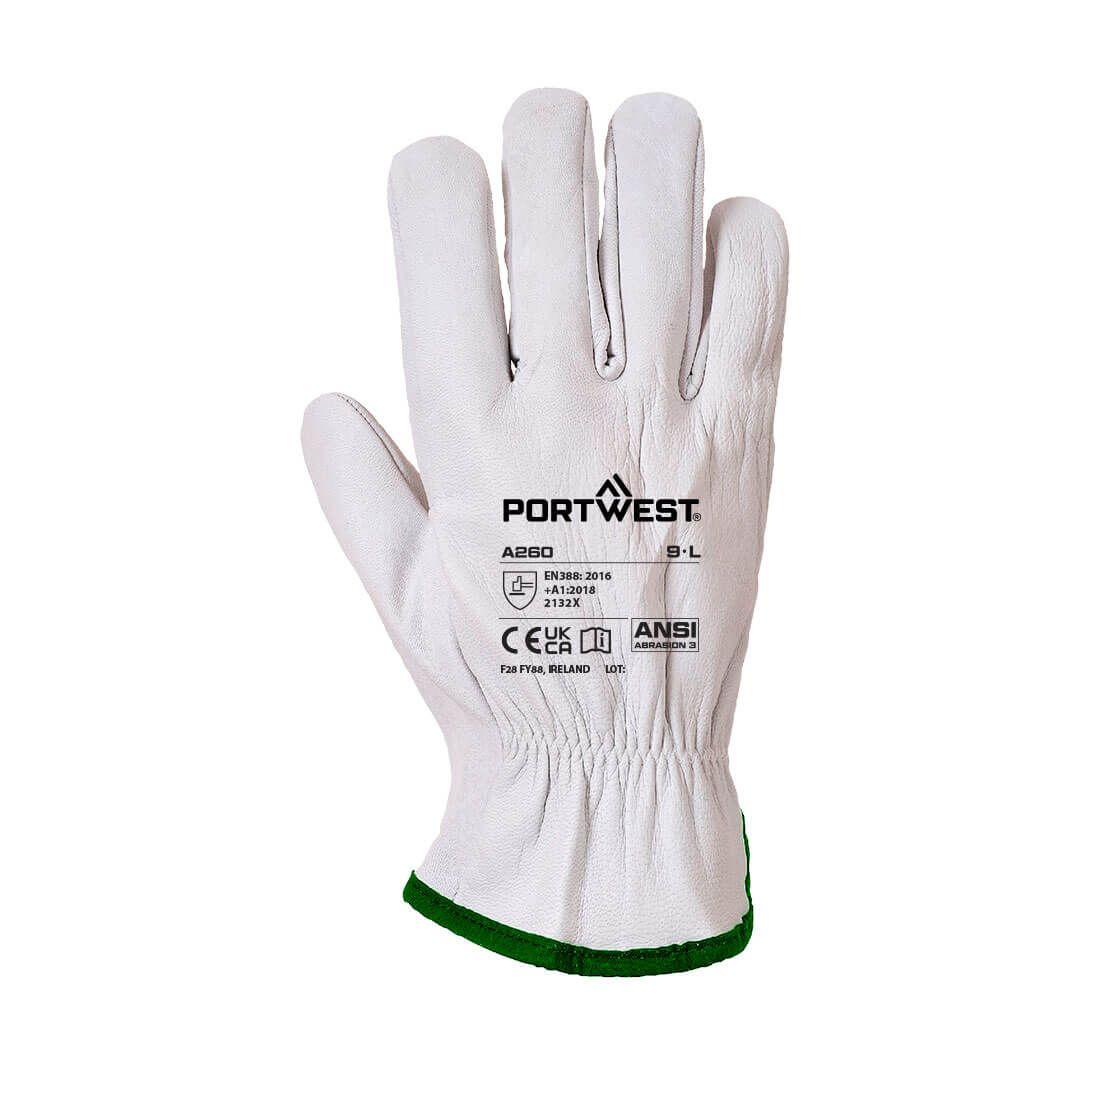 Portwest Handschoenen A260 grijs(GR)